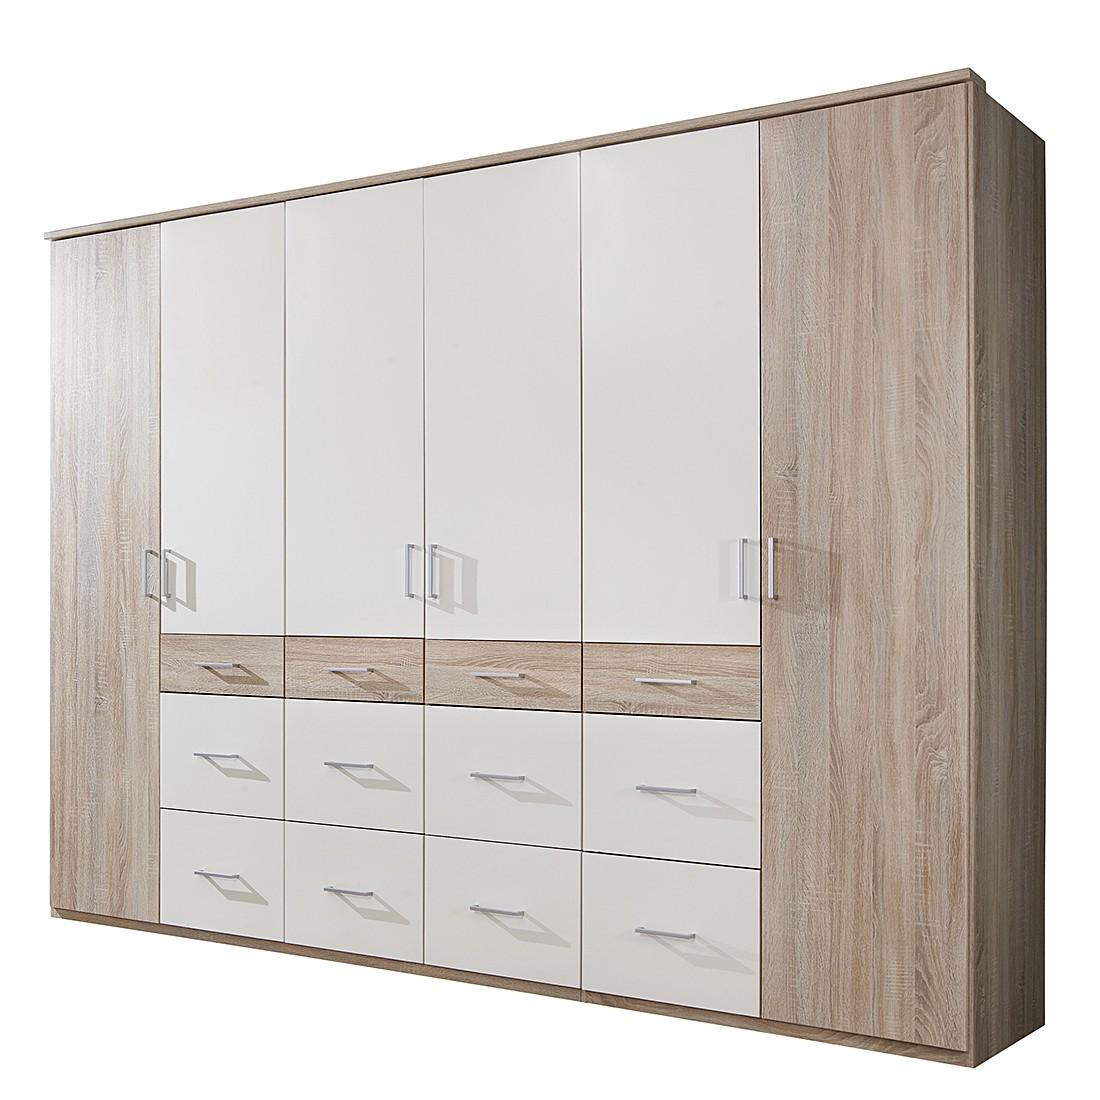 Armoire à portes battantes Alma - Imitation chêne brut de sciage / blanc alpin - Largeur d'armoire :